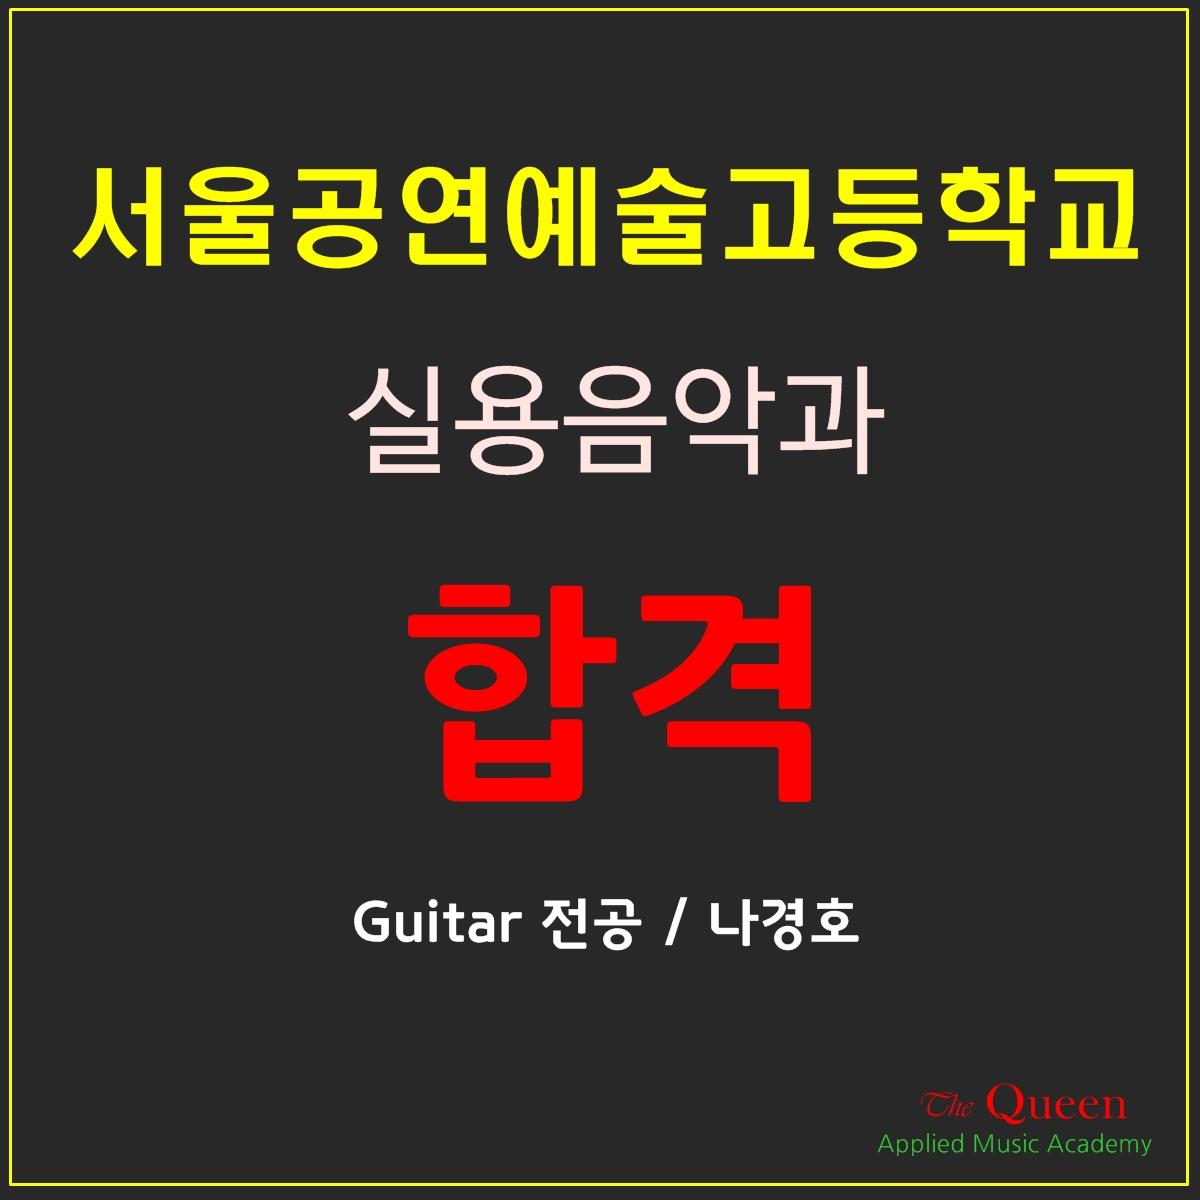 공연예고나경호